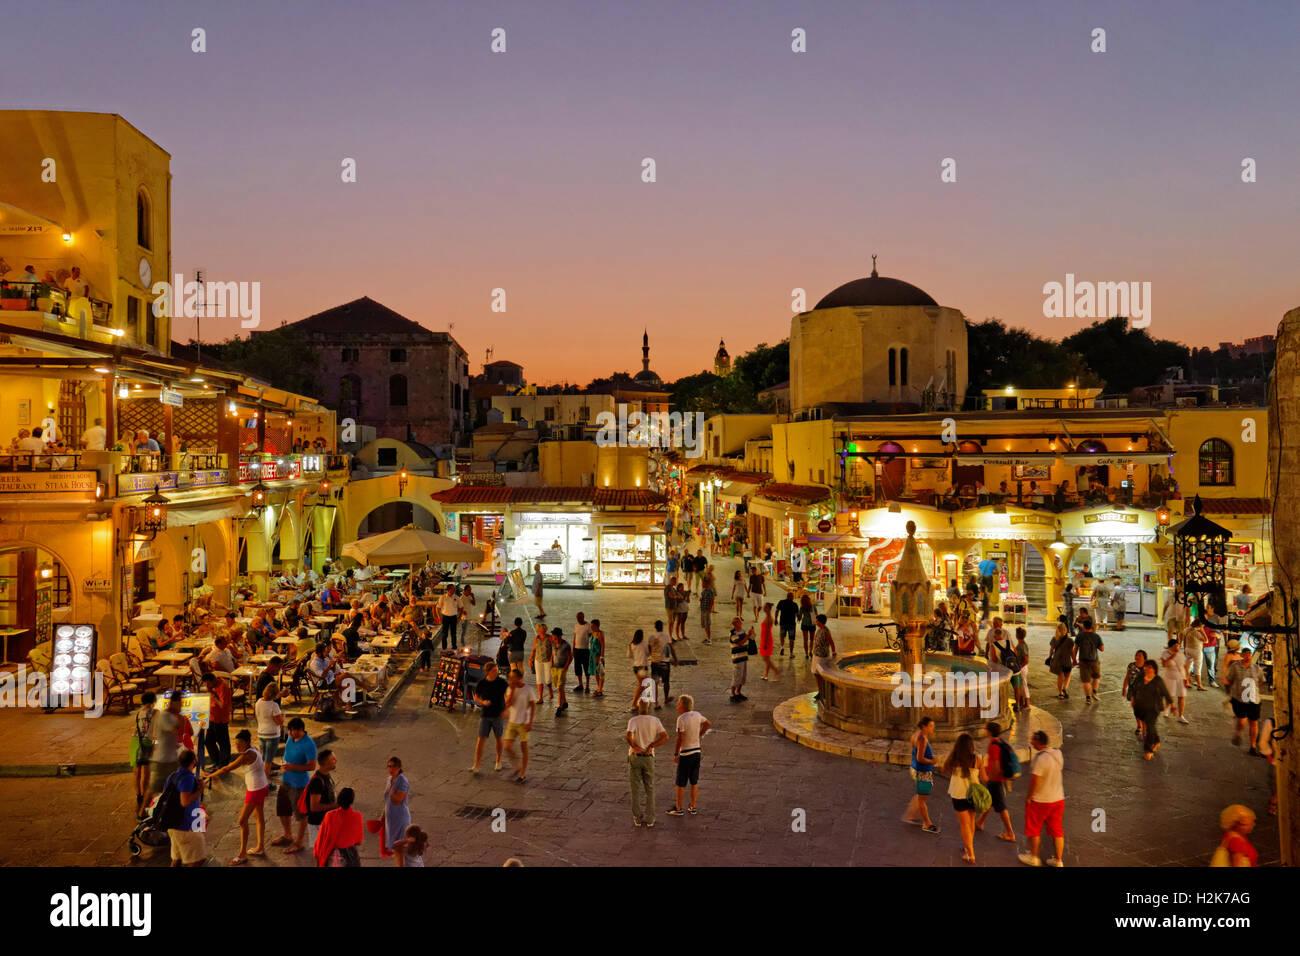 Twilight auf Hippokrates (Ipokratous) Platz, in der Altstadt von Rhodos, Insel Rhodos, Dodekanes, Griechenland. Stockbild